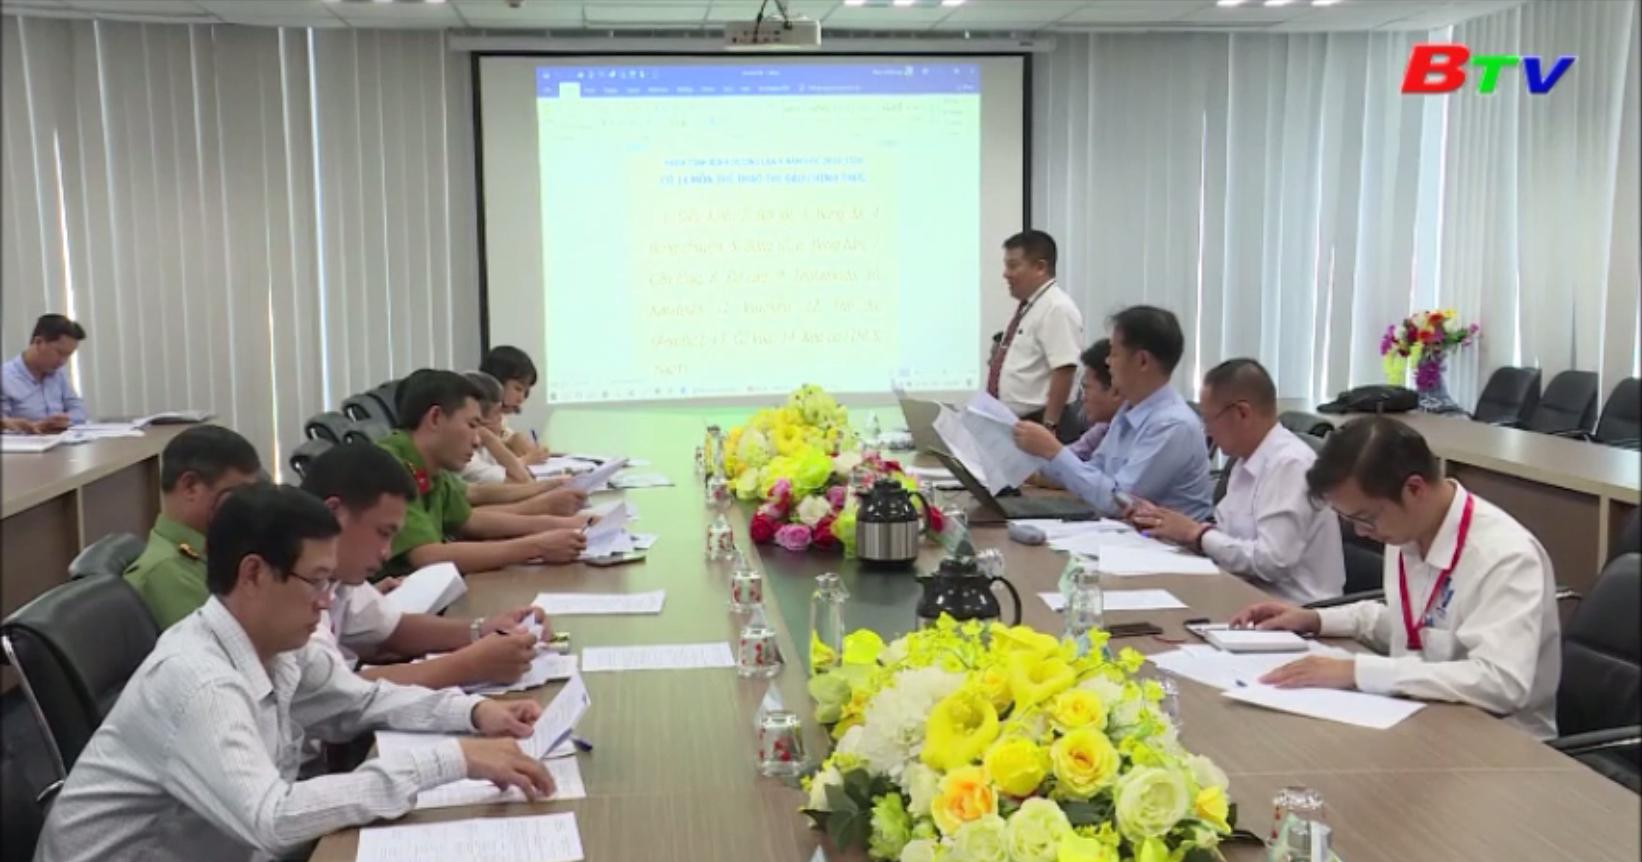 Triển khai kế hoạch tổ chức Hội khỏe Phù Đổng tỉnh Bình Dương lần thứ X năm 2019 - 2020